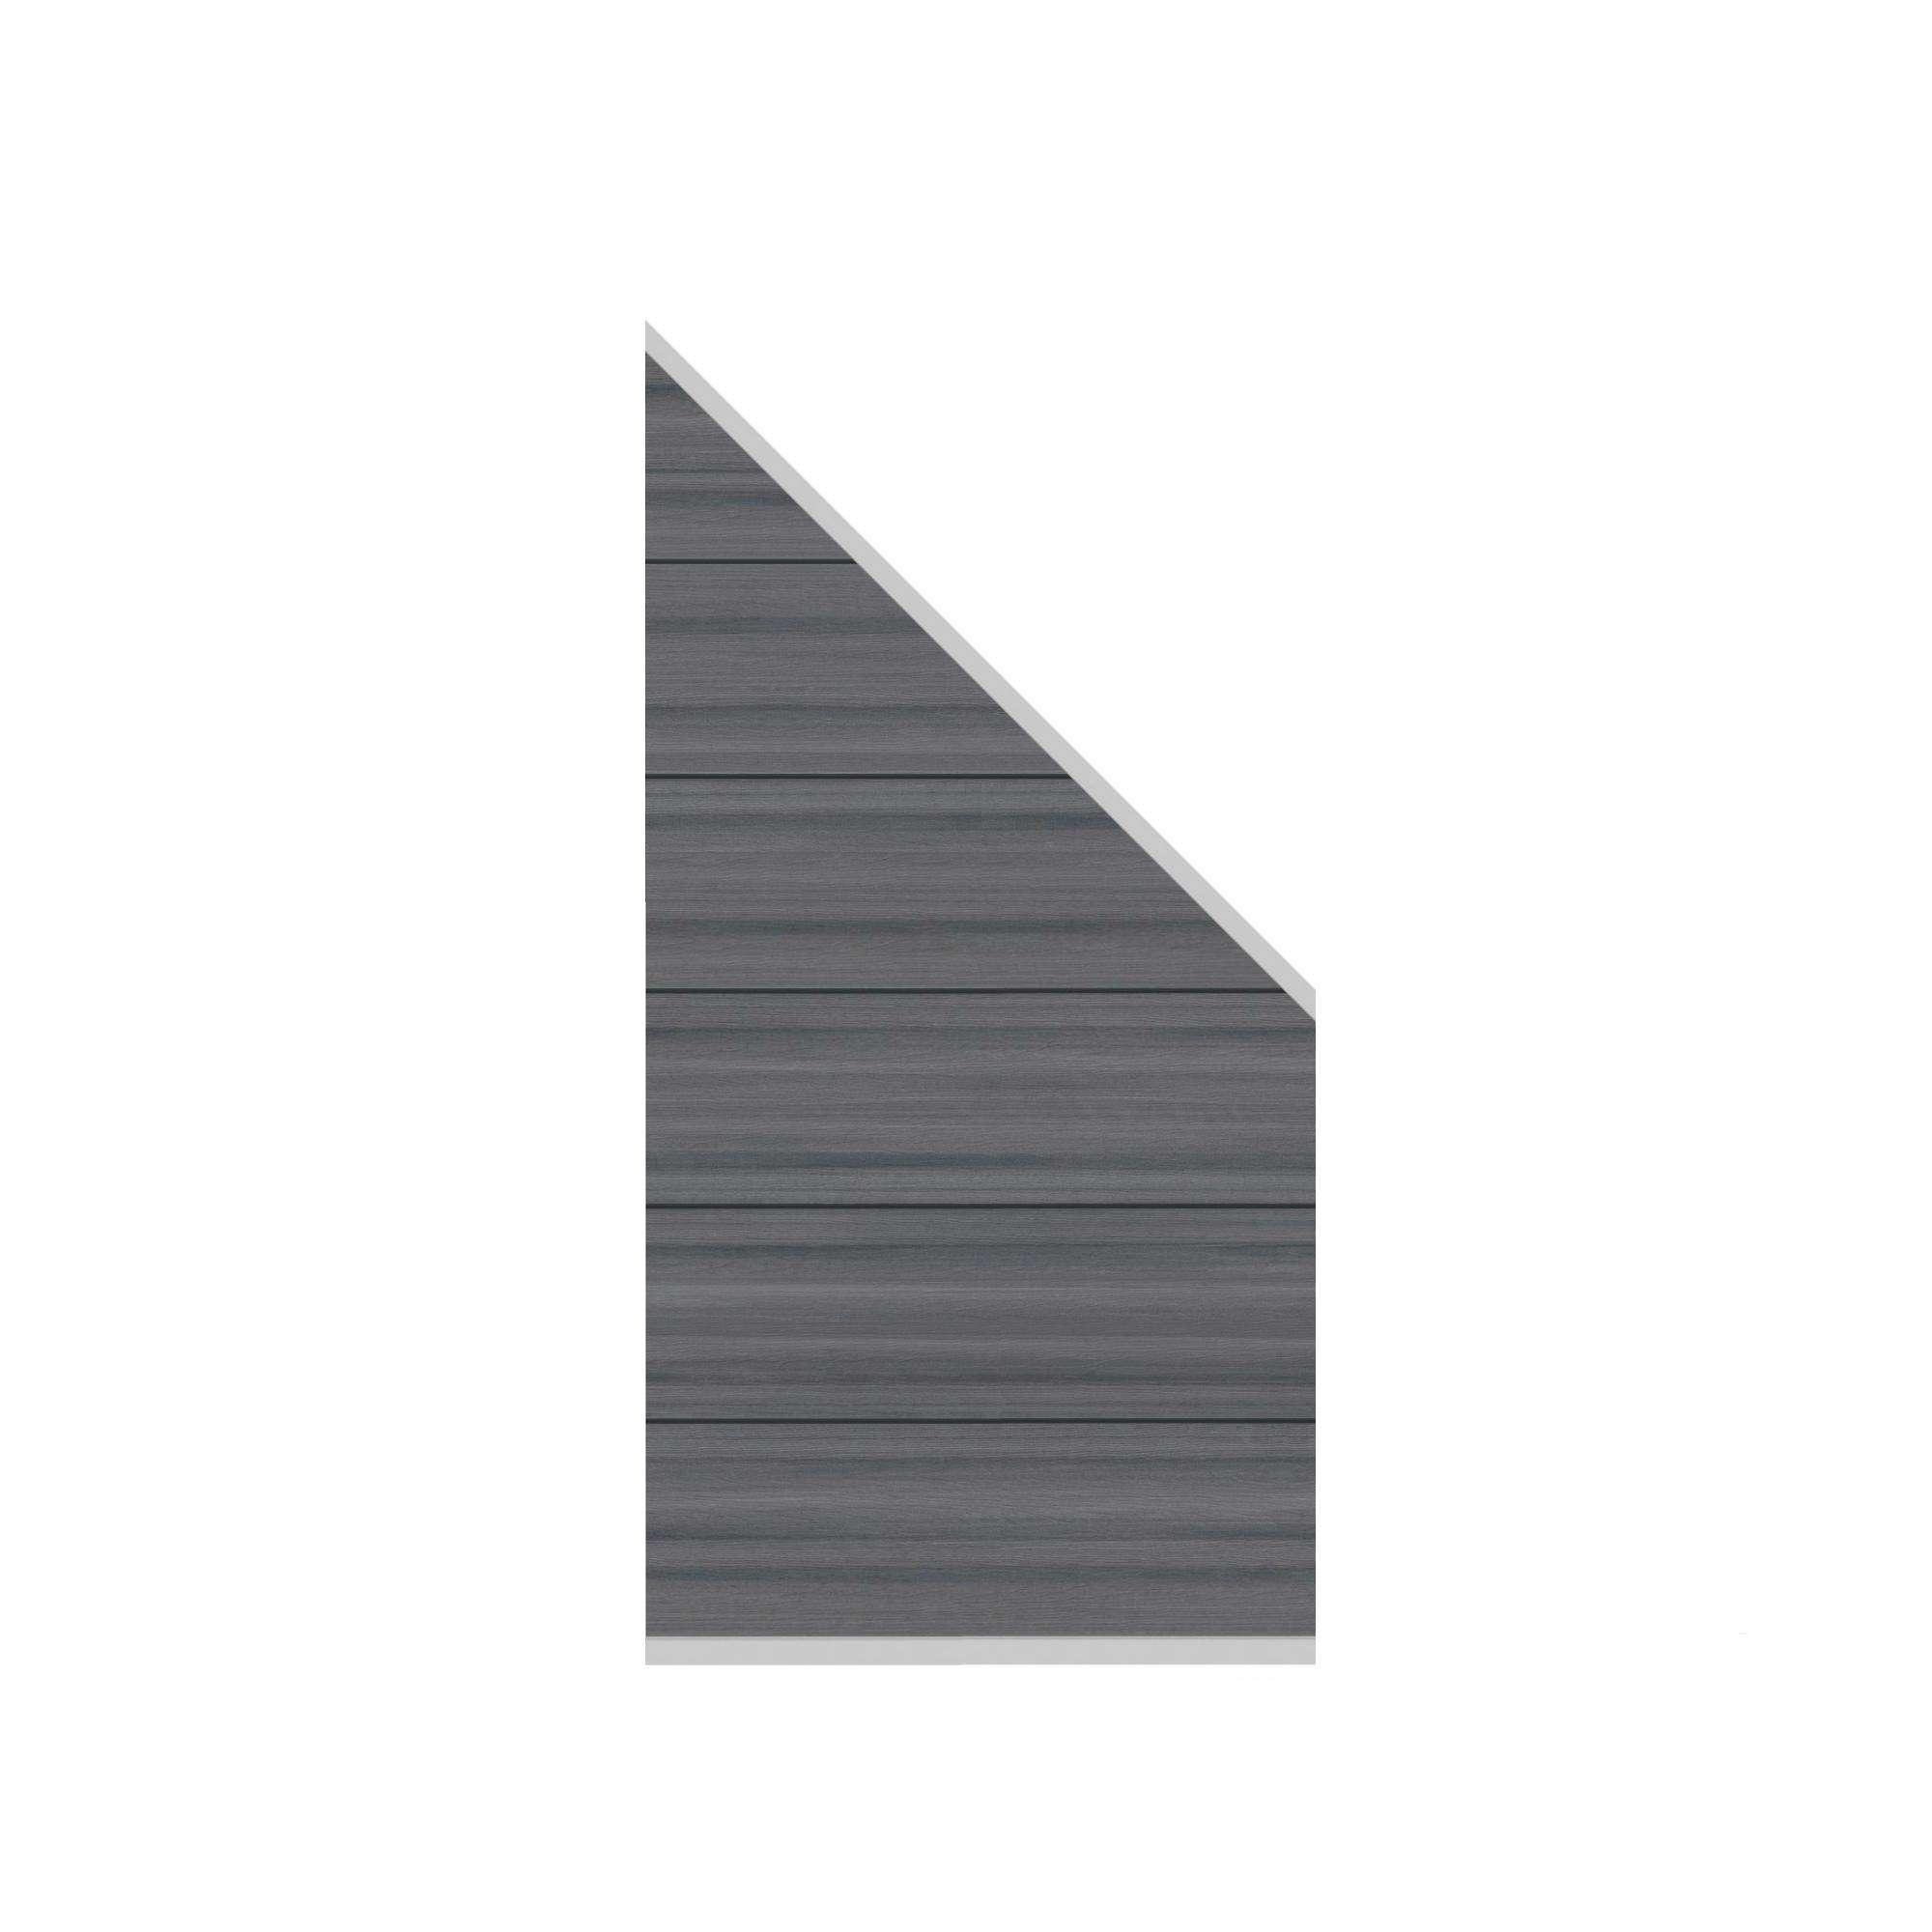 Sichtschutz Wpc Platinum Xl 0890 X 1830 Mm Grau Schrag Wpc